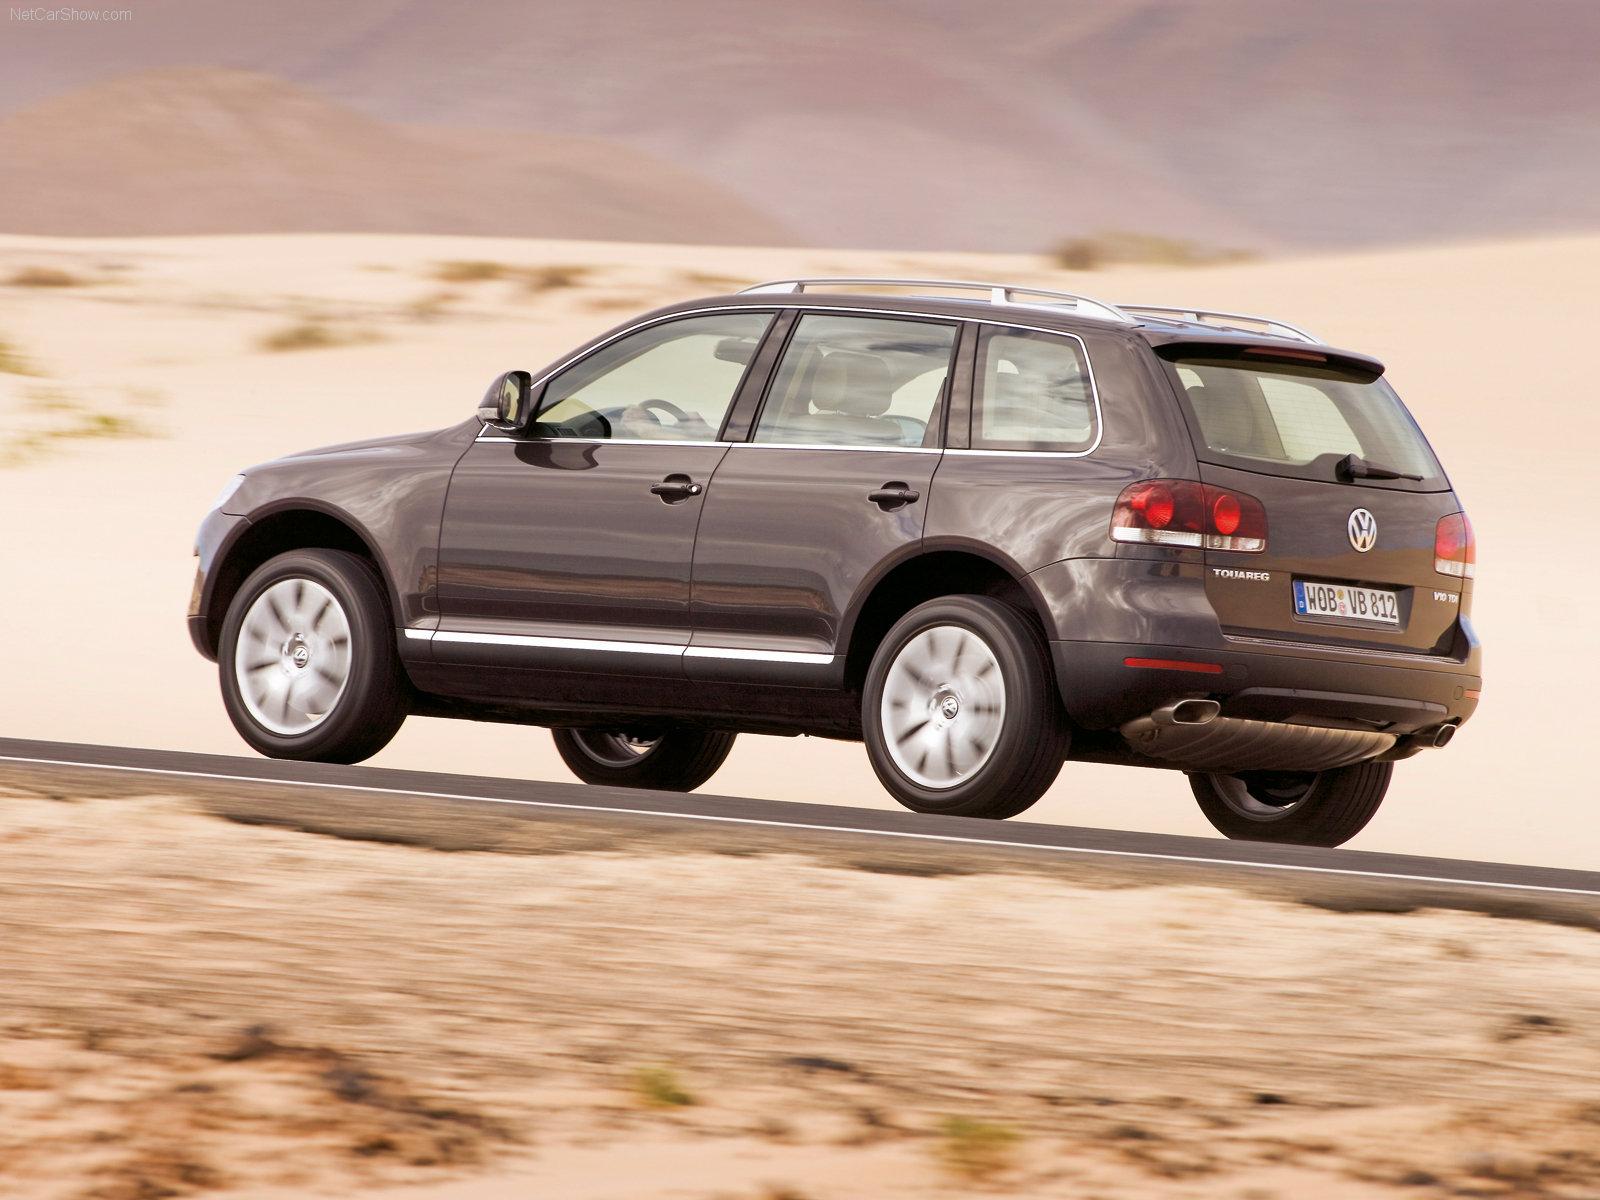 http://w04.ru/foto/Volkswagen-Touareg_2007_1600x1200_wallpaper_1a.jpg